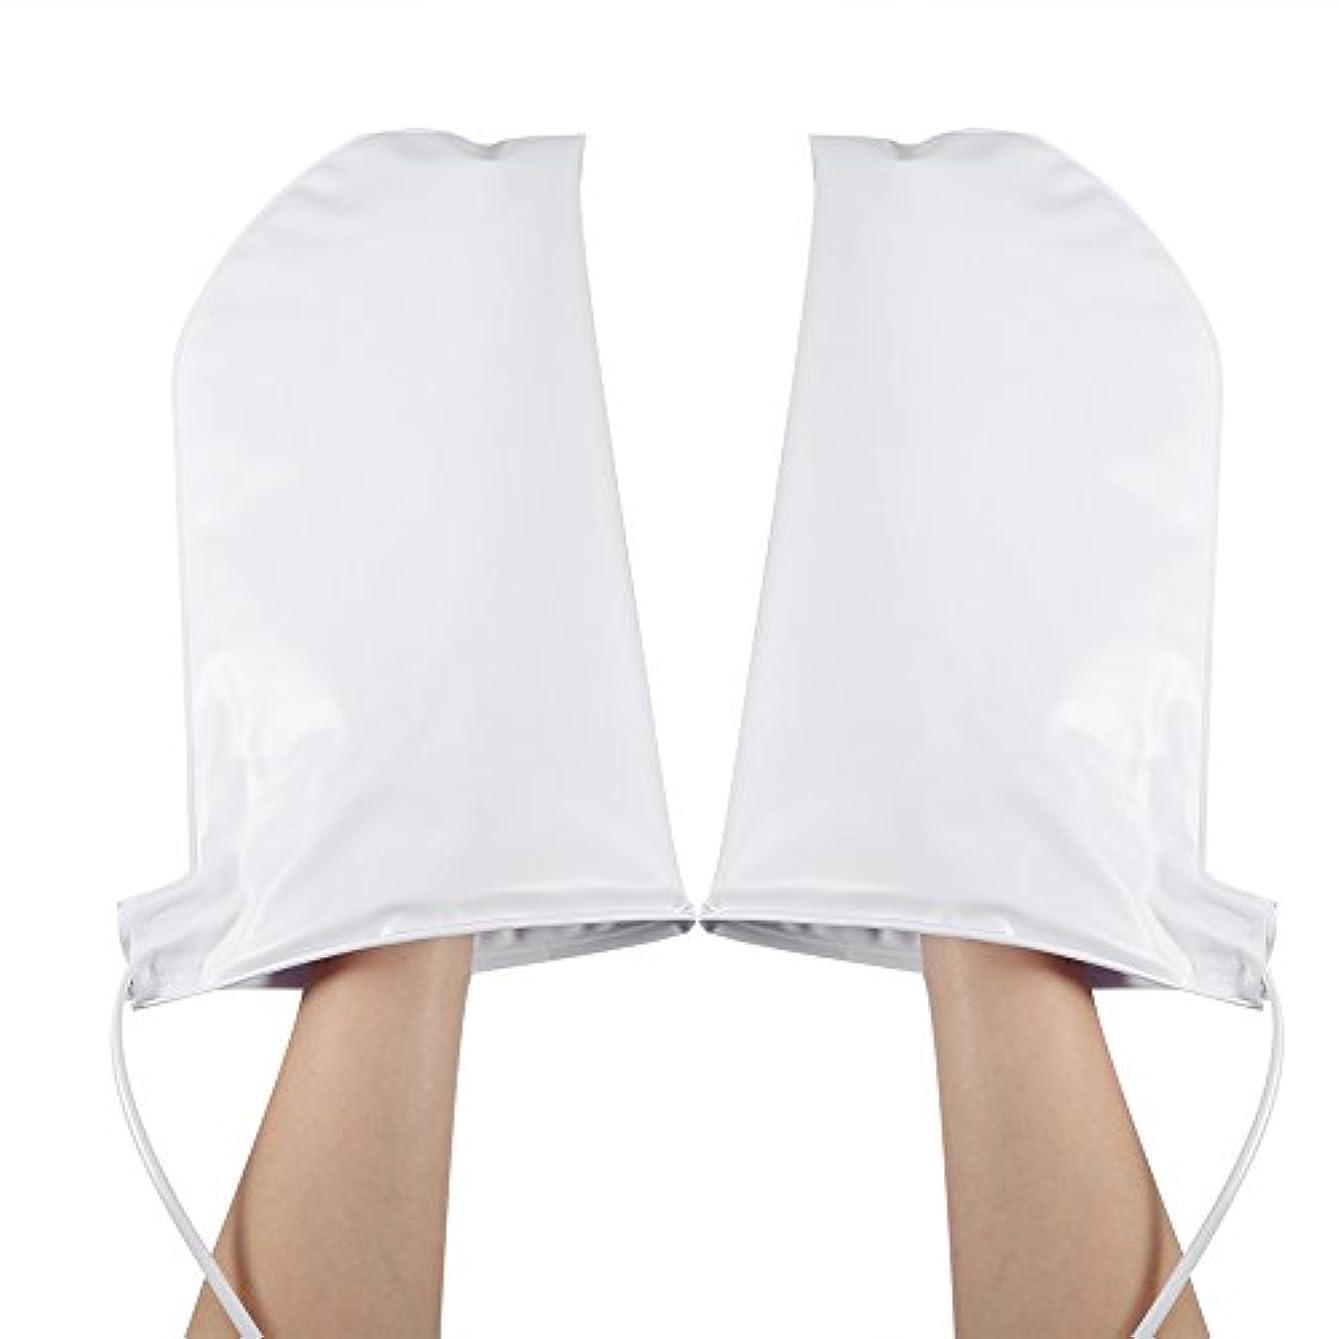 絶滅したリラックスした裸手袋 ヒートグローブ 加熱式 電熱 手ケア ハンドケア 2つ加熱モード 乾燥対策 手荒れ対策 補水 保湿 美白 しっとり